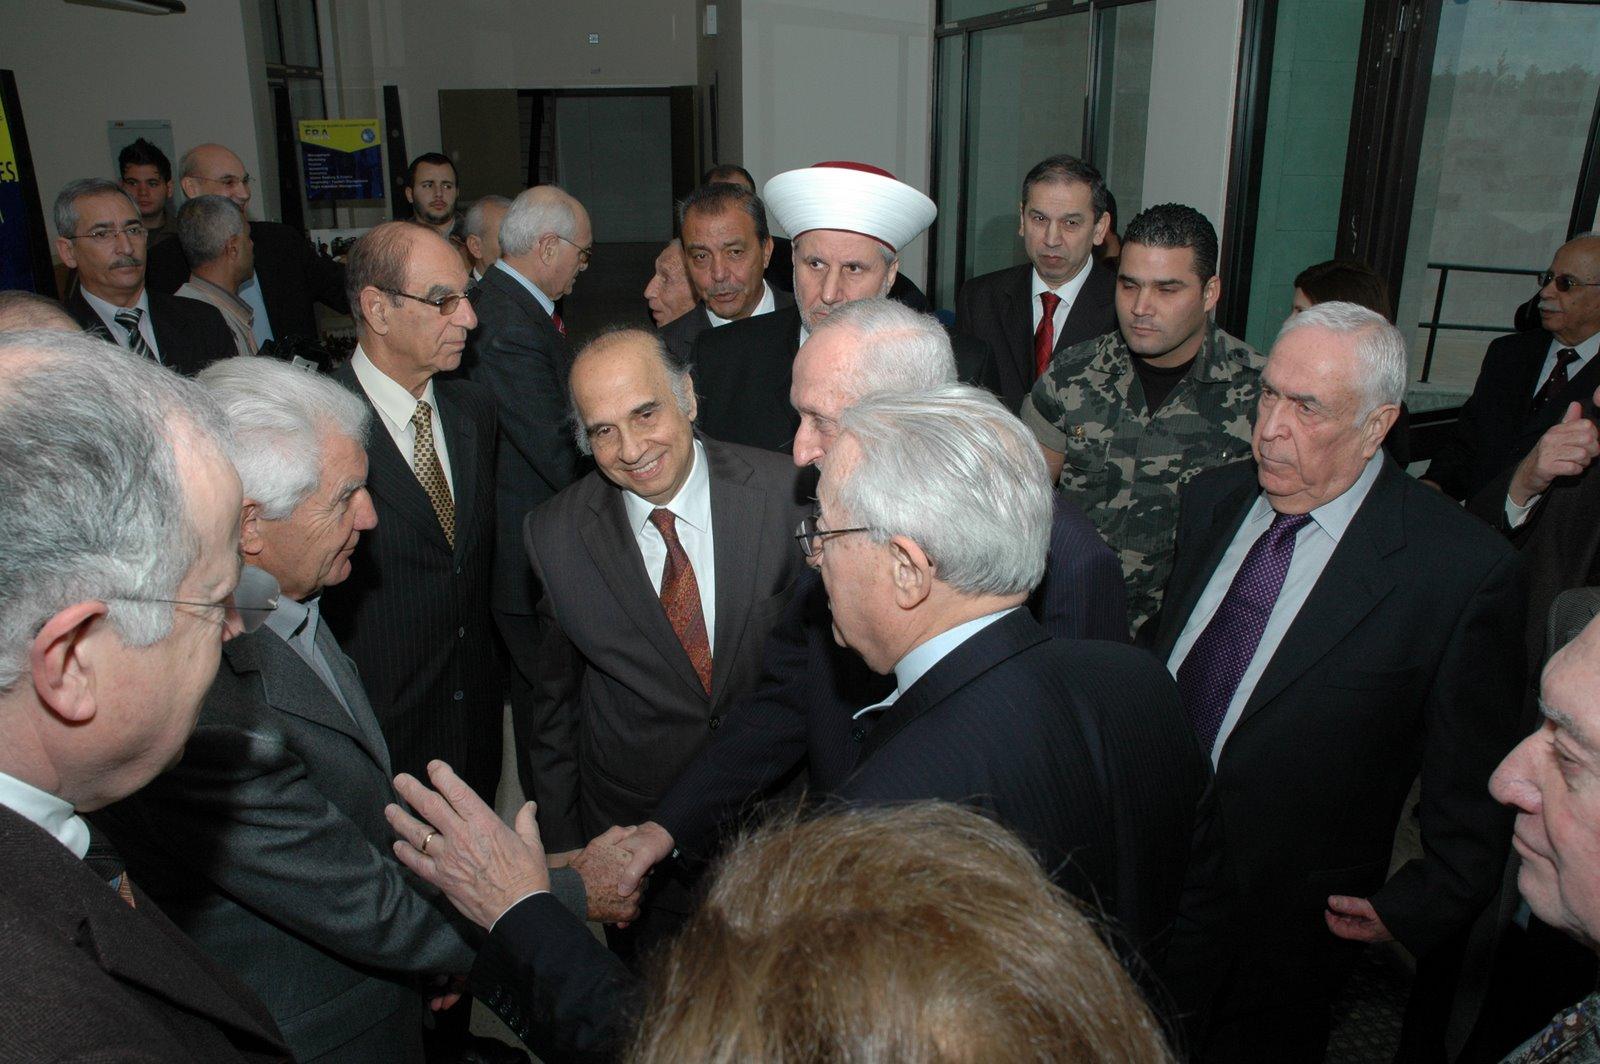 [KARAMI+(H.E.+Prime+Minister+Omar+Karami)+039.jpg]